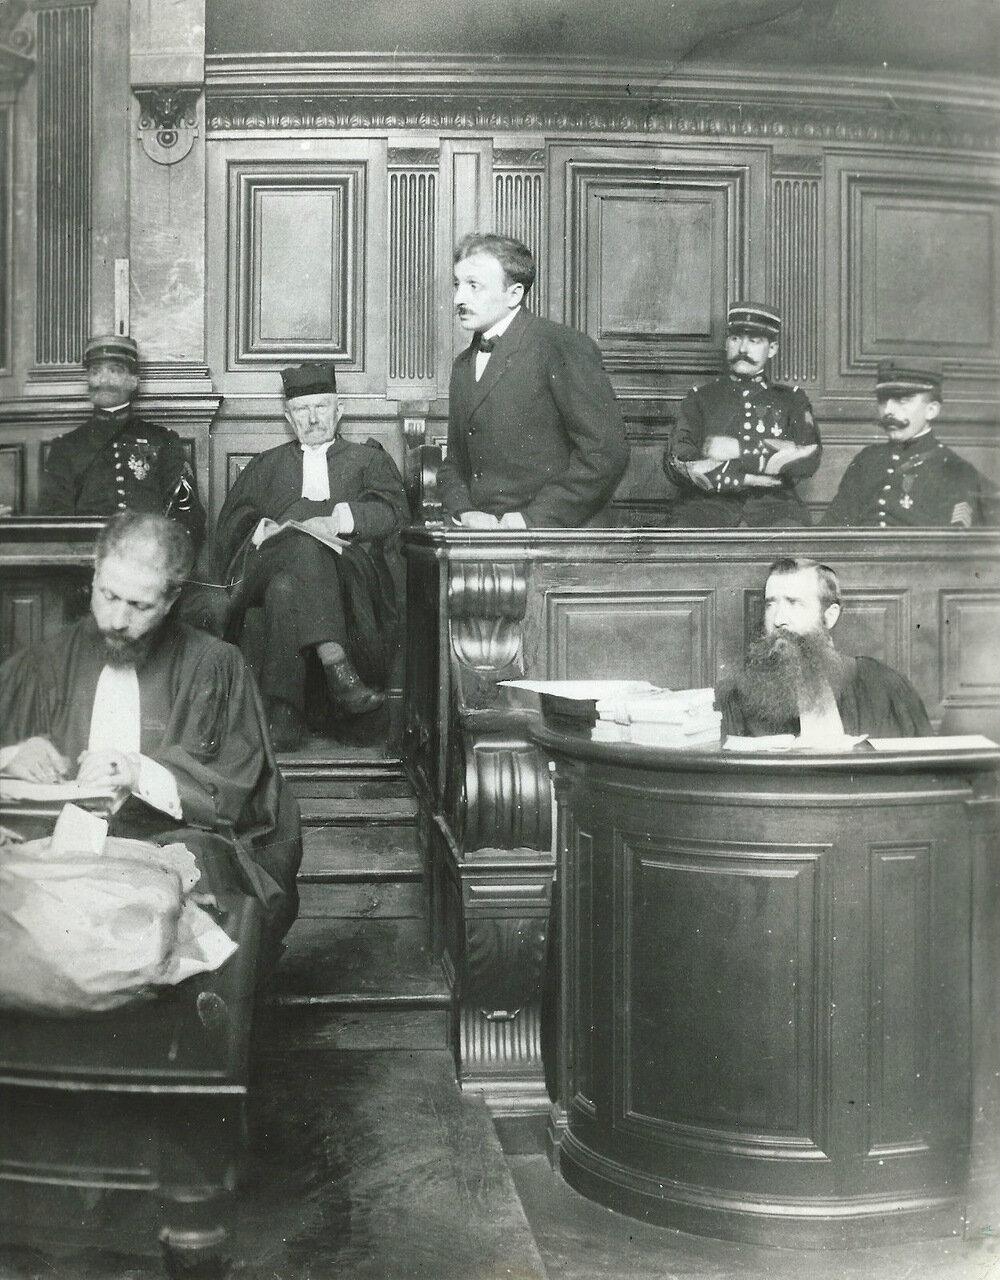 Рауль Вилен, убивший 31 июля 1914 года Жана Жореса, оправдан в 1919 году как человек, внесший свой вклад в победу